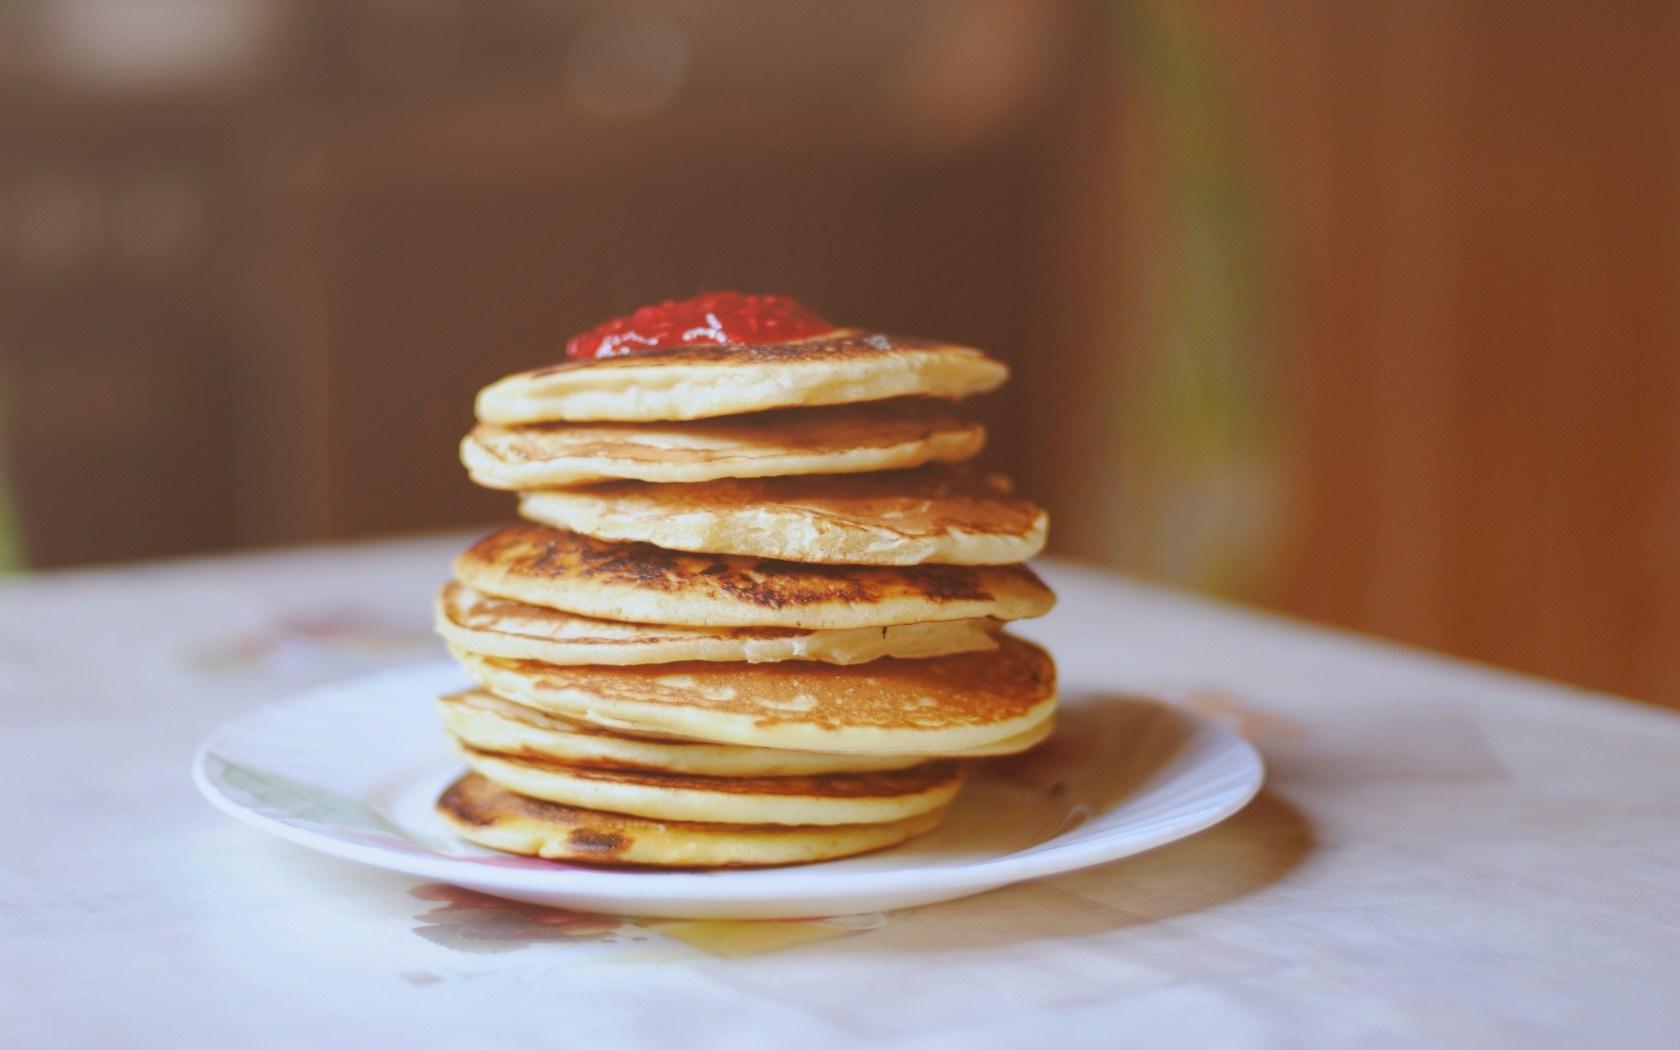 Pancakes 40422 1680x1050px 1680x1050